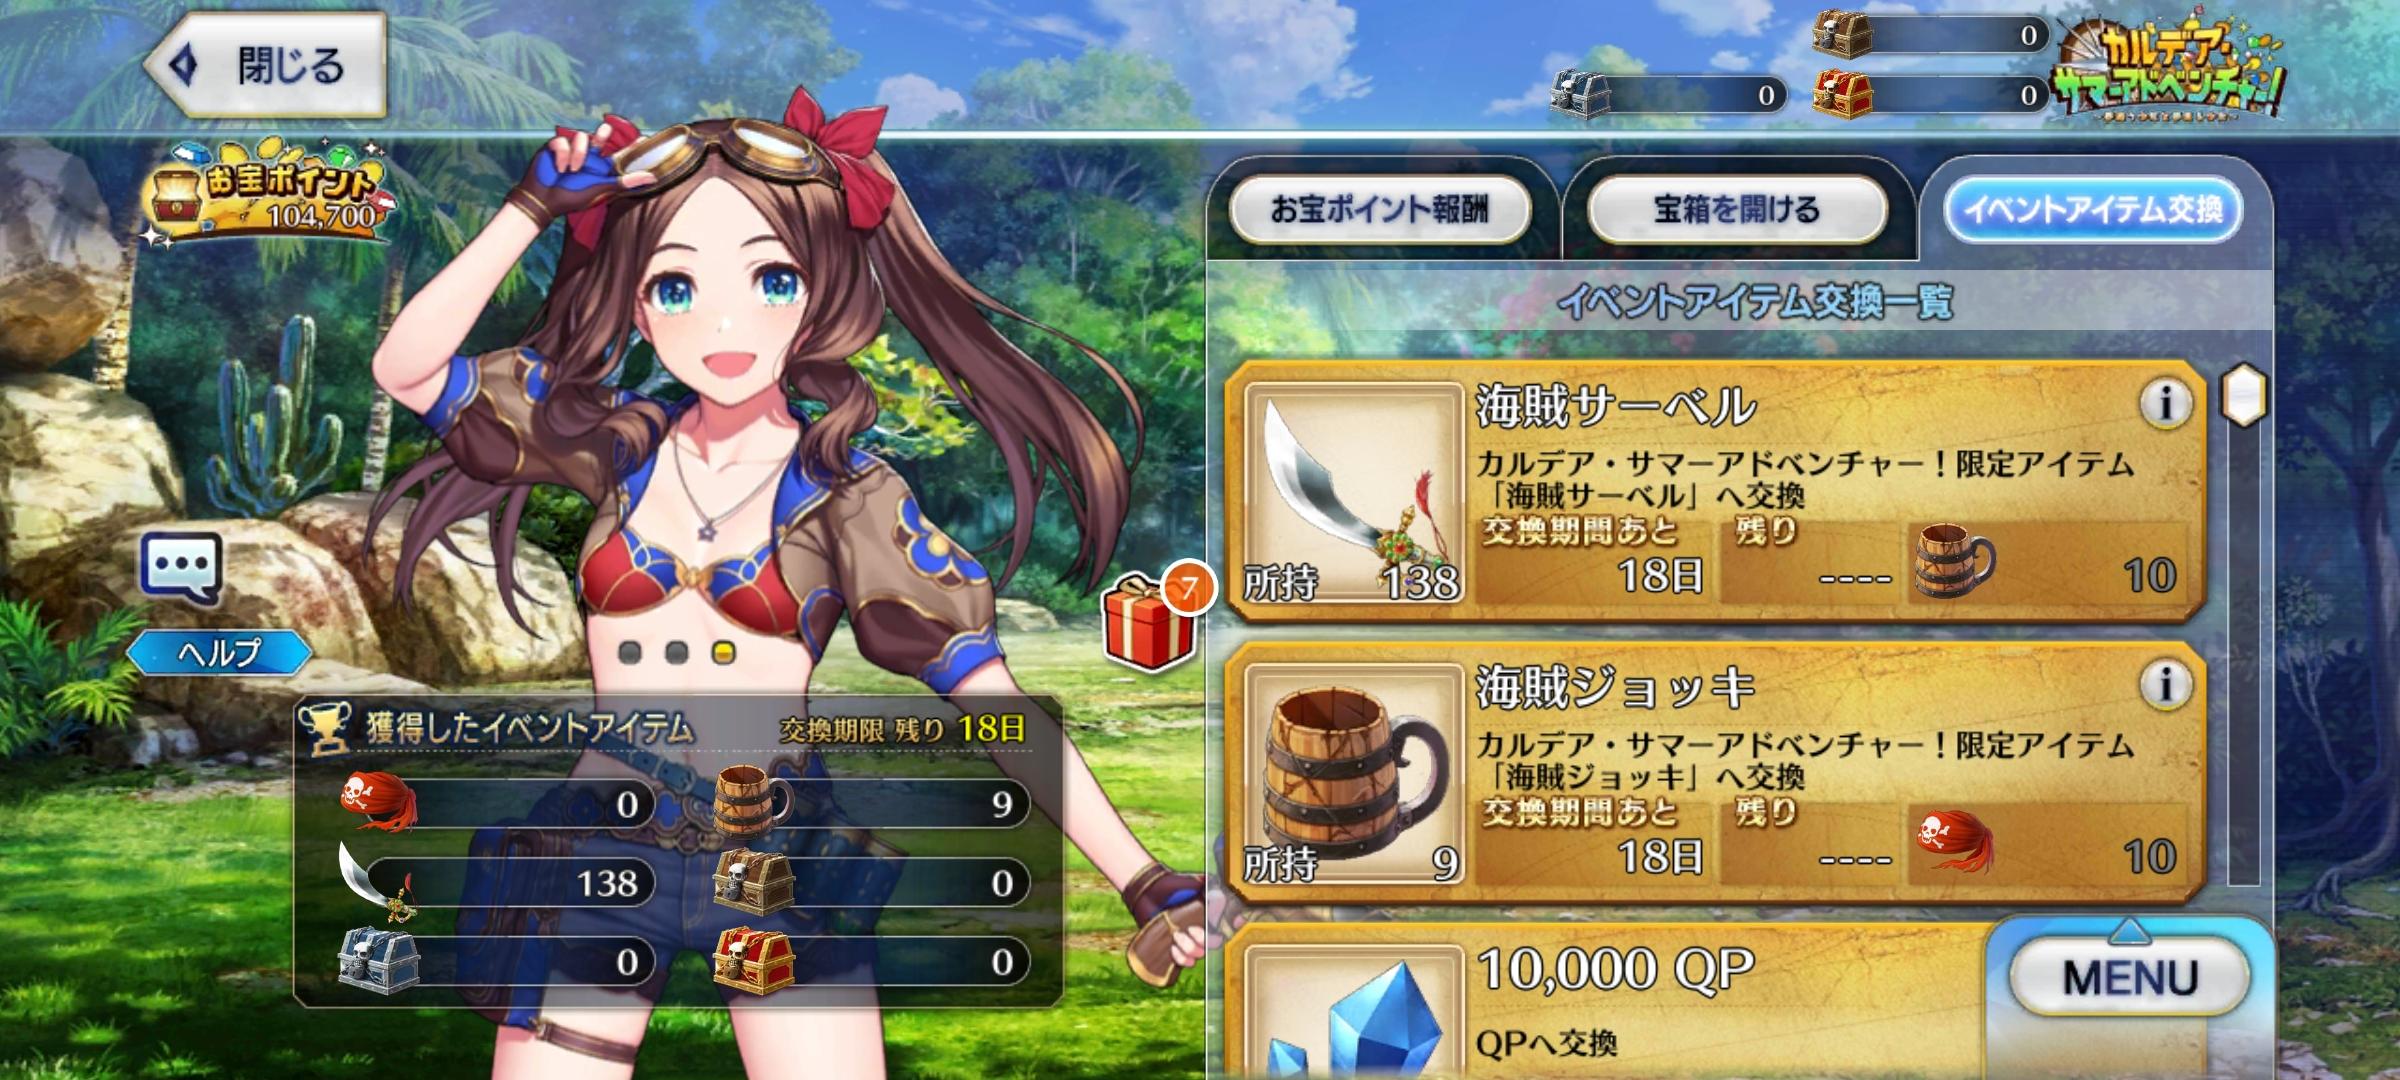 Screenshot_20210917-230359.jpg